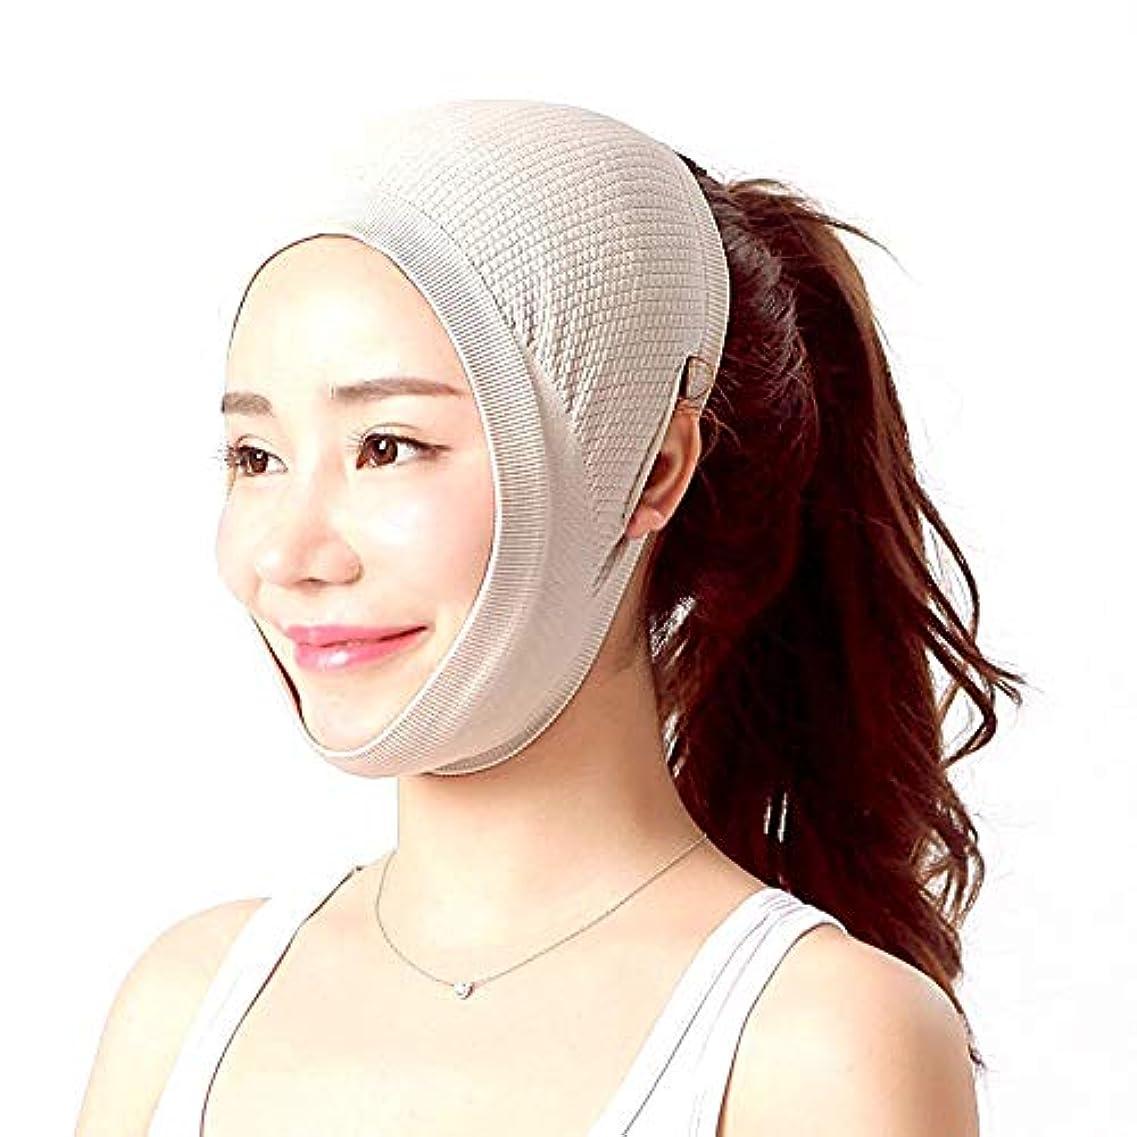 不健康宝下にJia Jia- フェイスリフティングアーティファクト包帯ライン術後回復包帯リフティングフェイスフードVフェイス包帯リフティングVフェイス美容マスク - 肌のトーン 顔面包帯